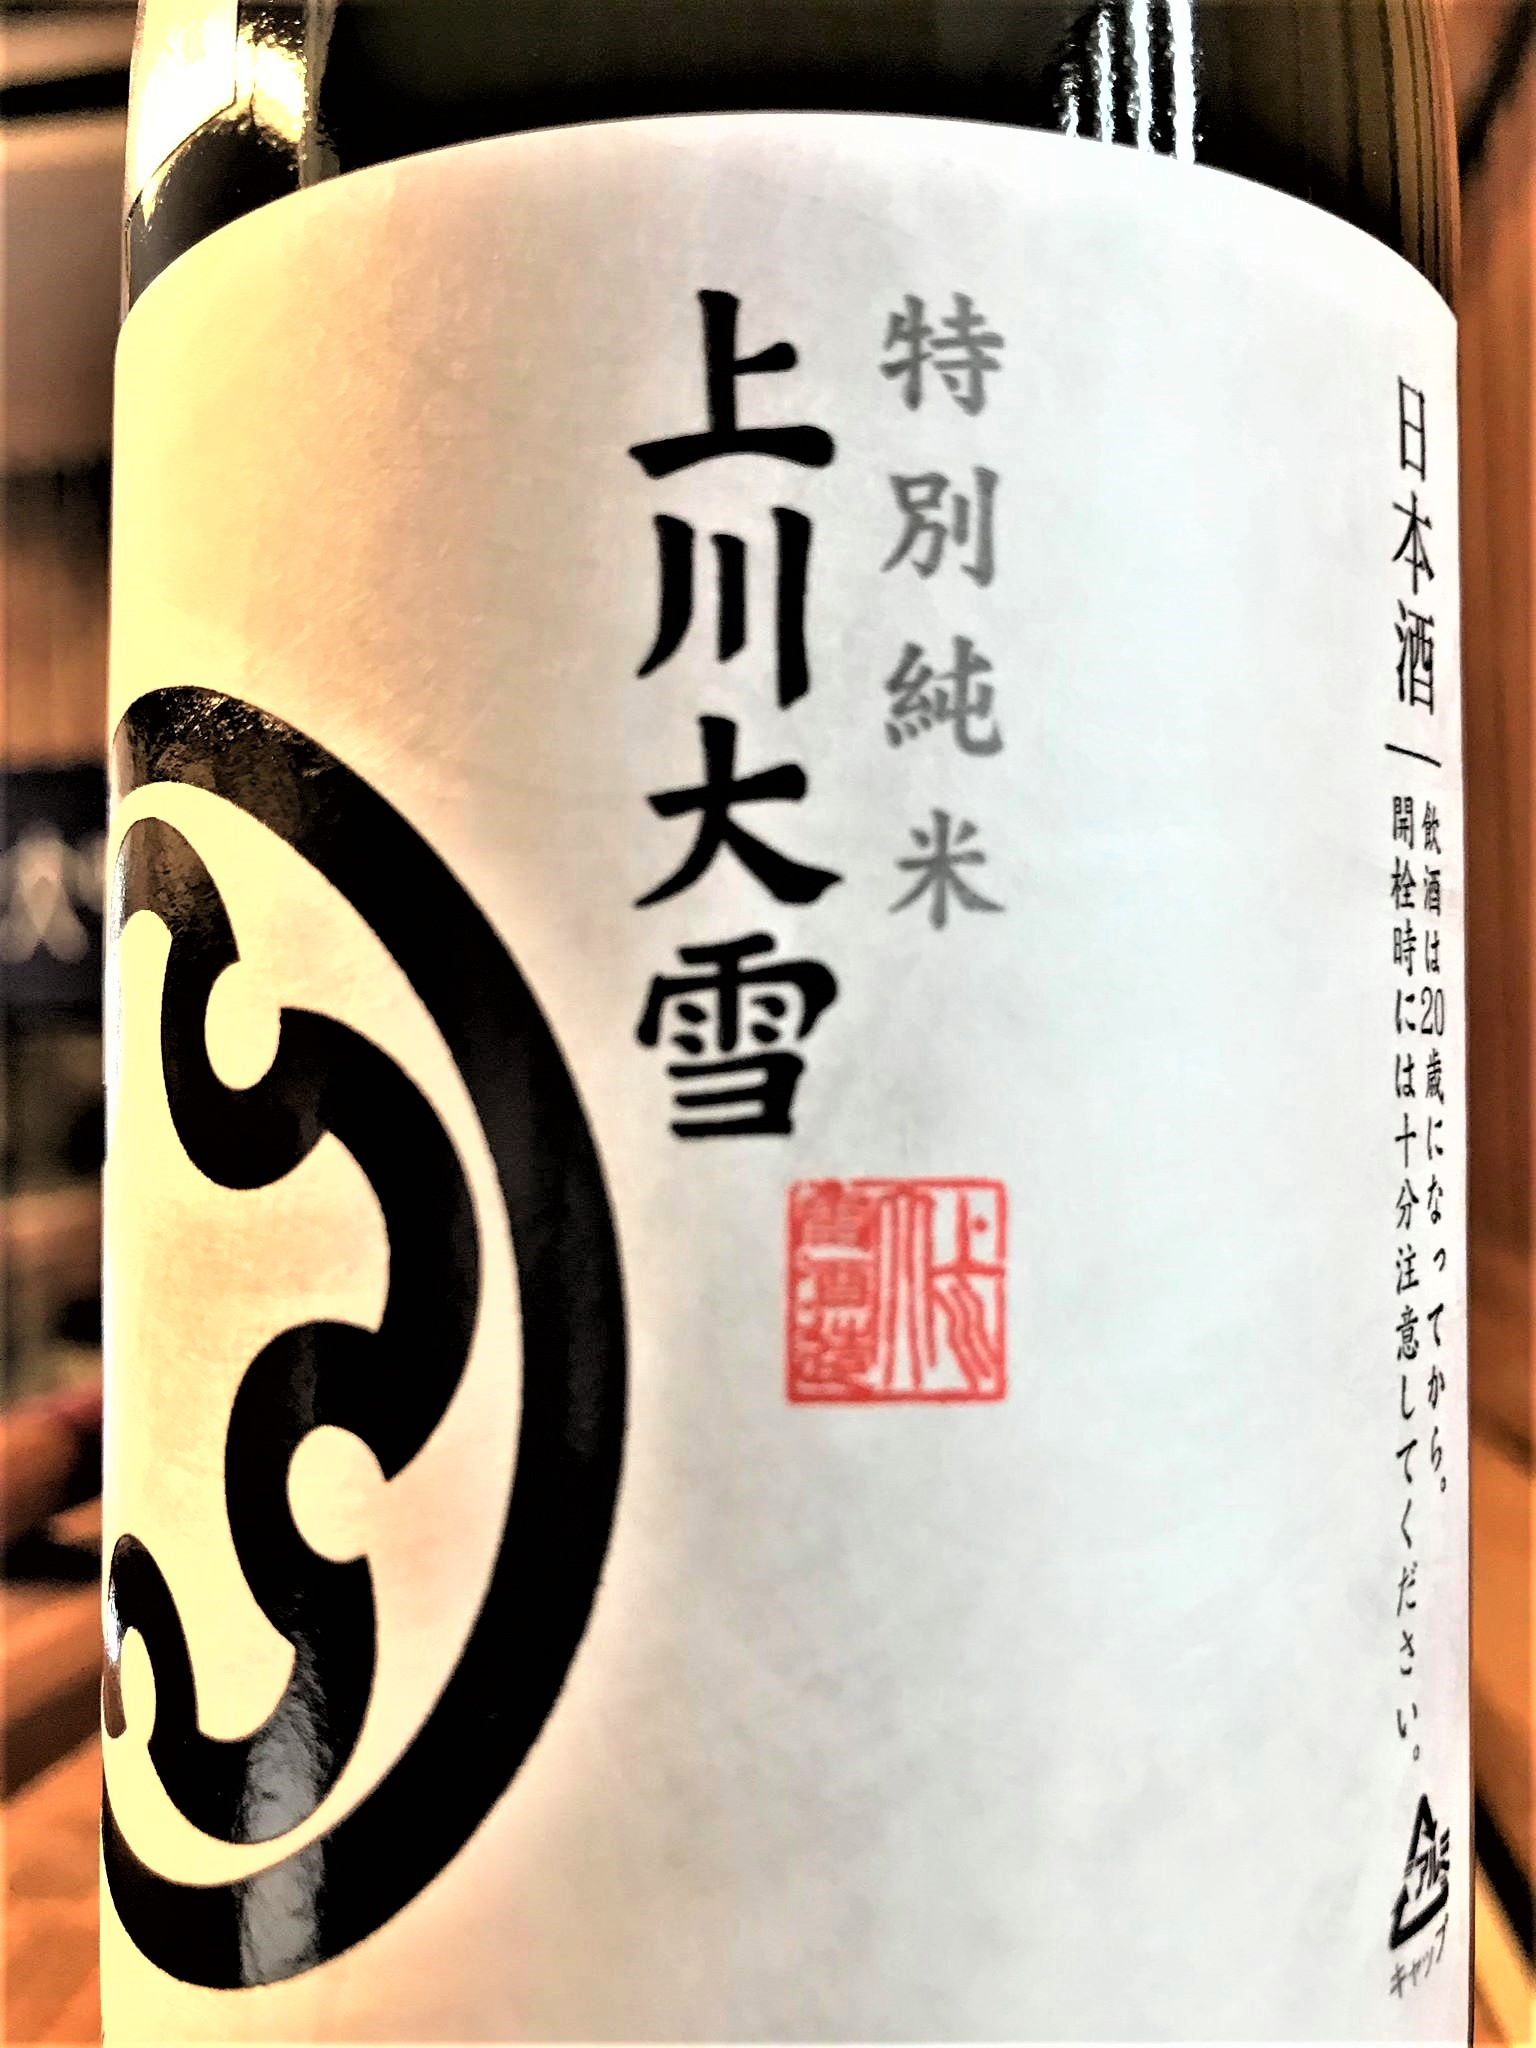 【日本酒】上川大雪 新酒しぼりたて 特別純米 無濾過生原酒 きたしずく仕込み 限定 新酒令和1BY🆕_e0173738_20321535.jpg